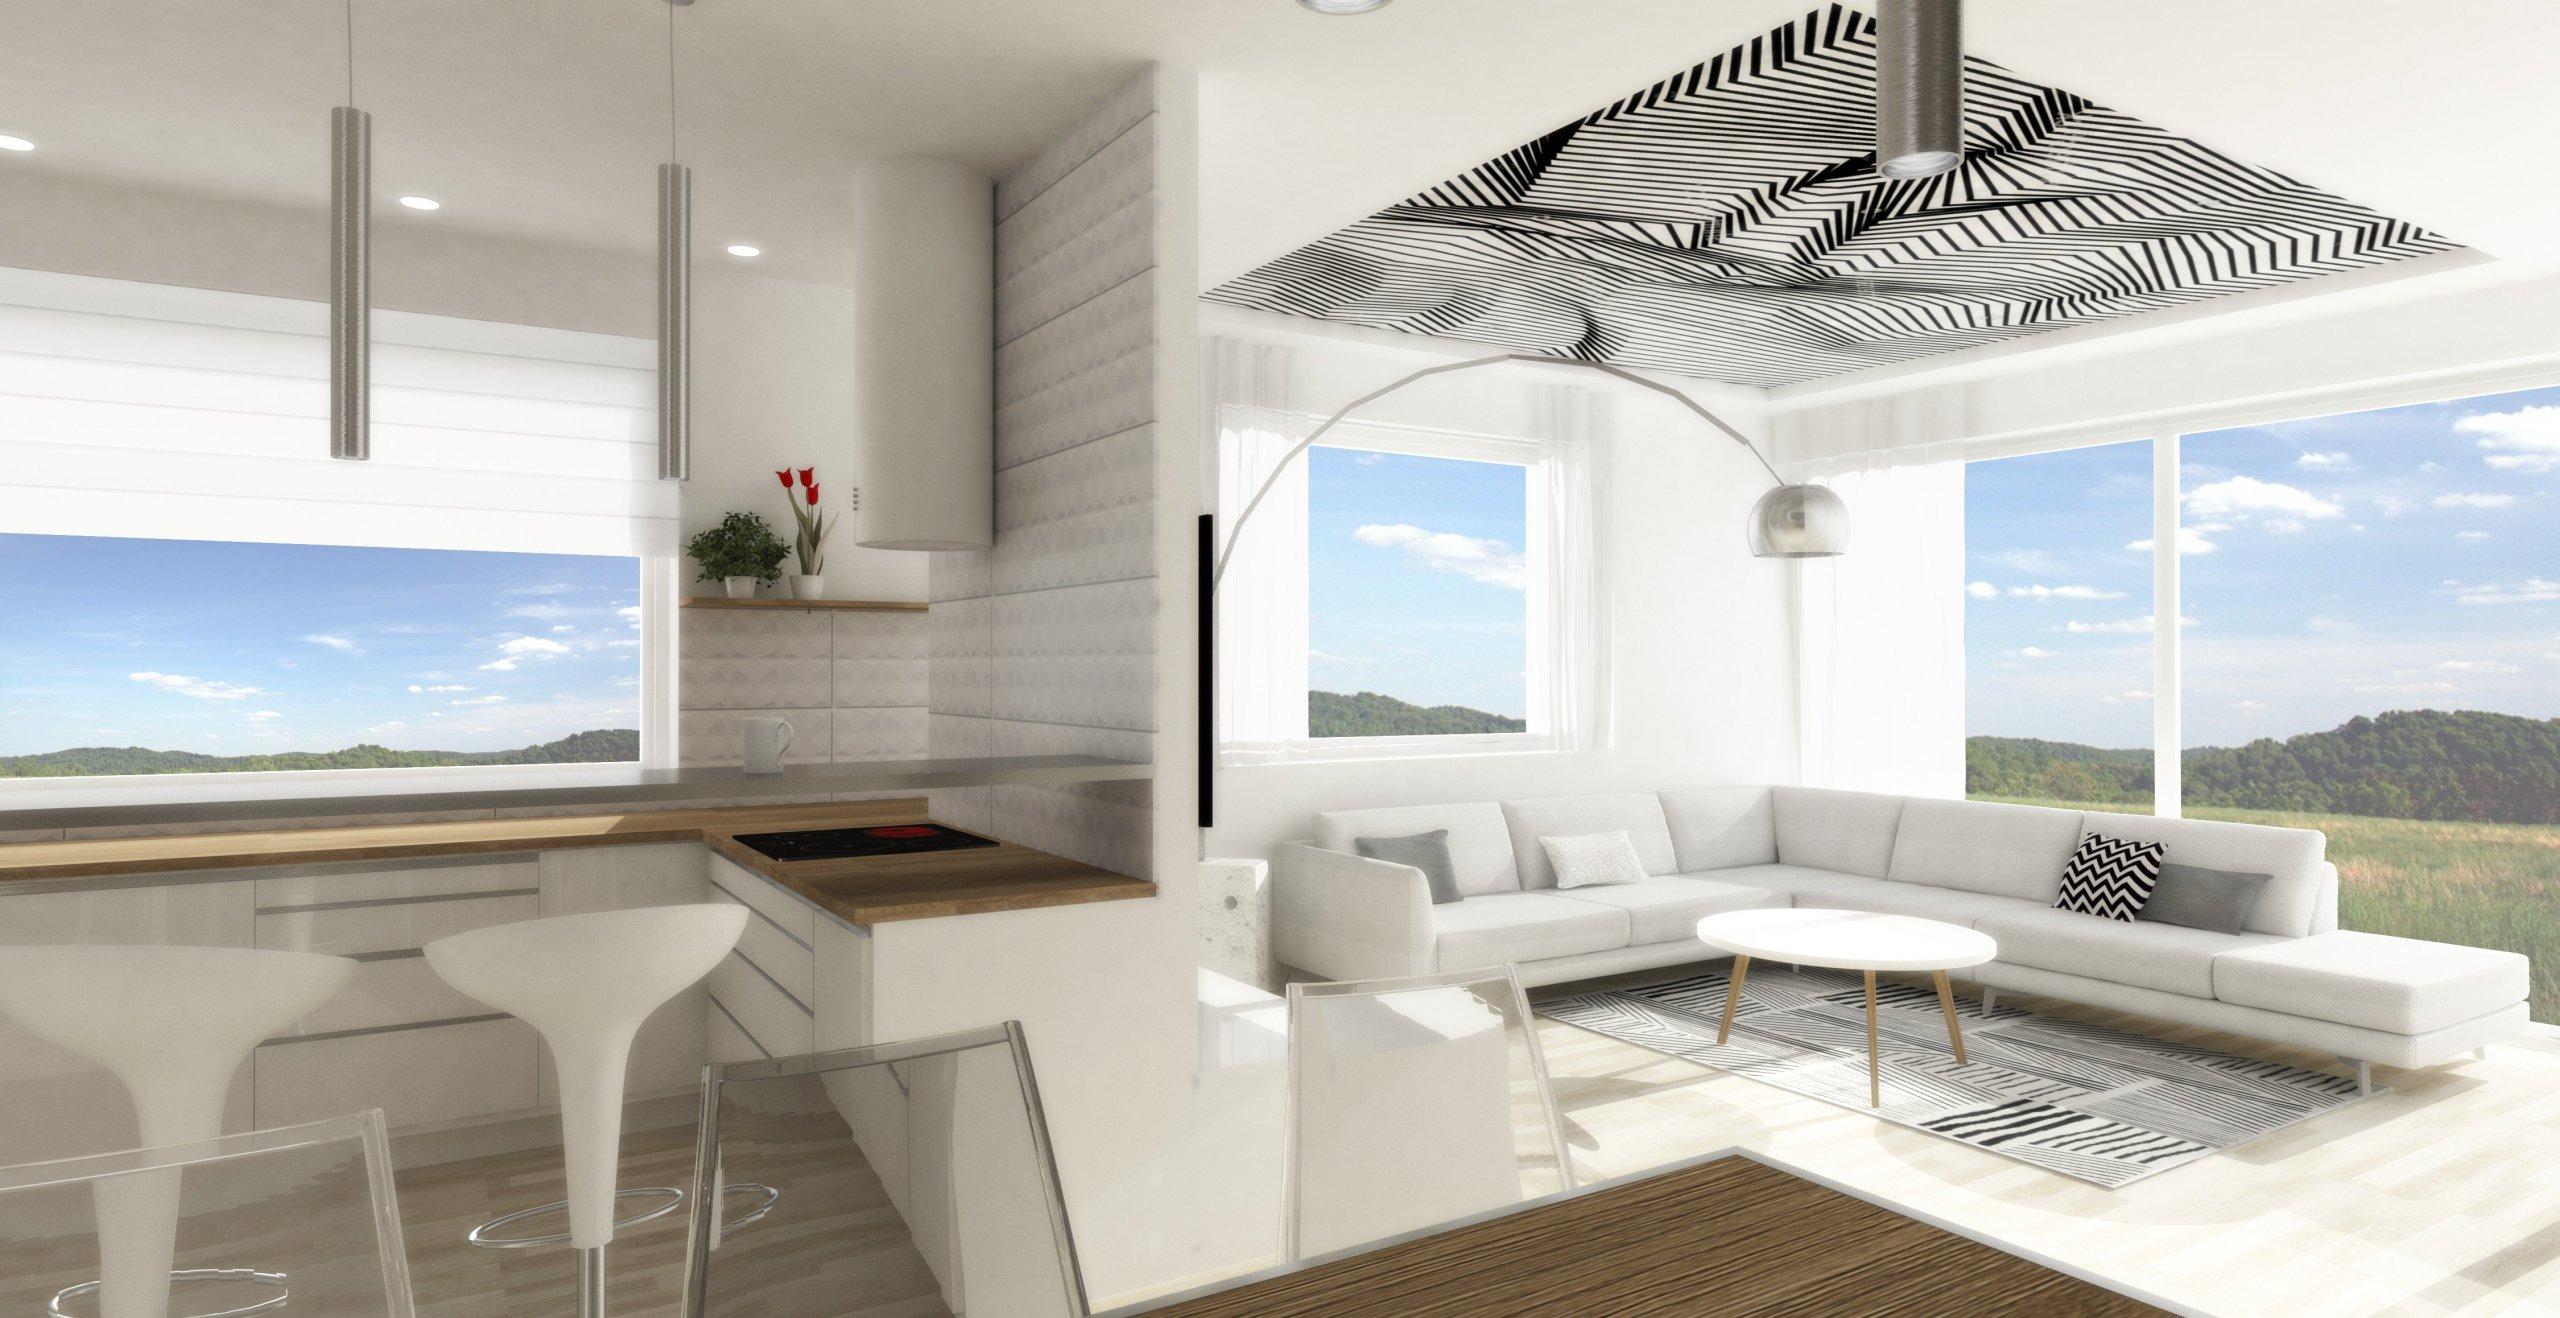 Návrh obývacího pokoje s kuchyní a jídelnou. Požadavek byl na jednoduchost a čistotu provedení, ale tajné přání bylo, aby to v detailu působilo luxusně.…